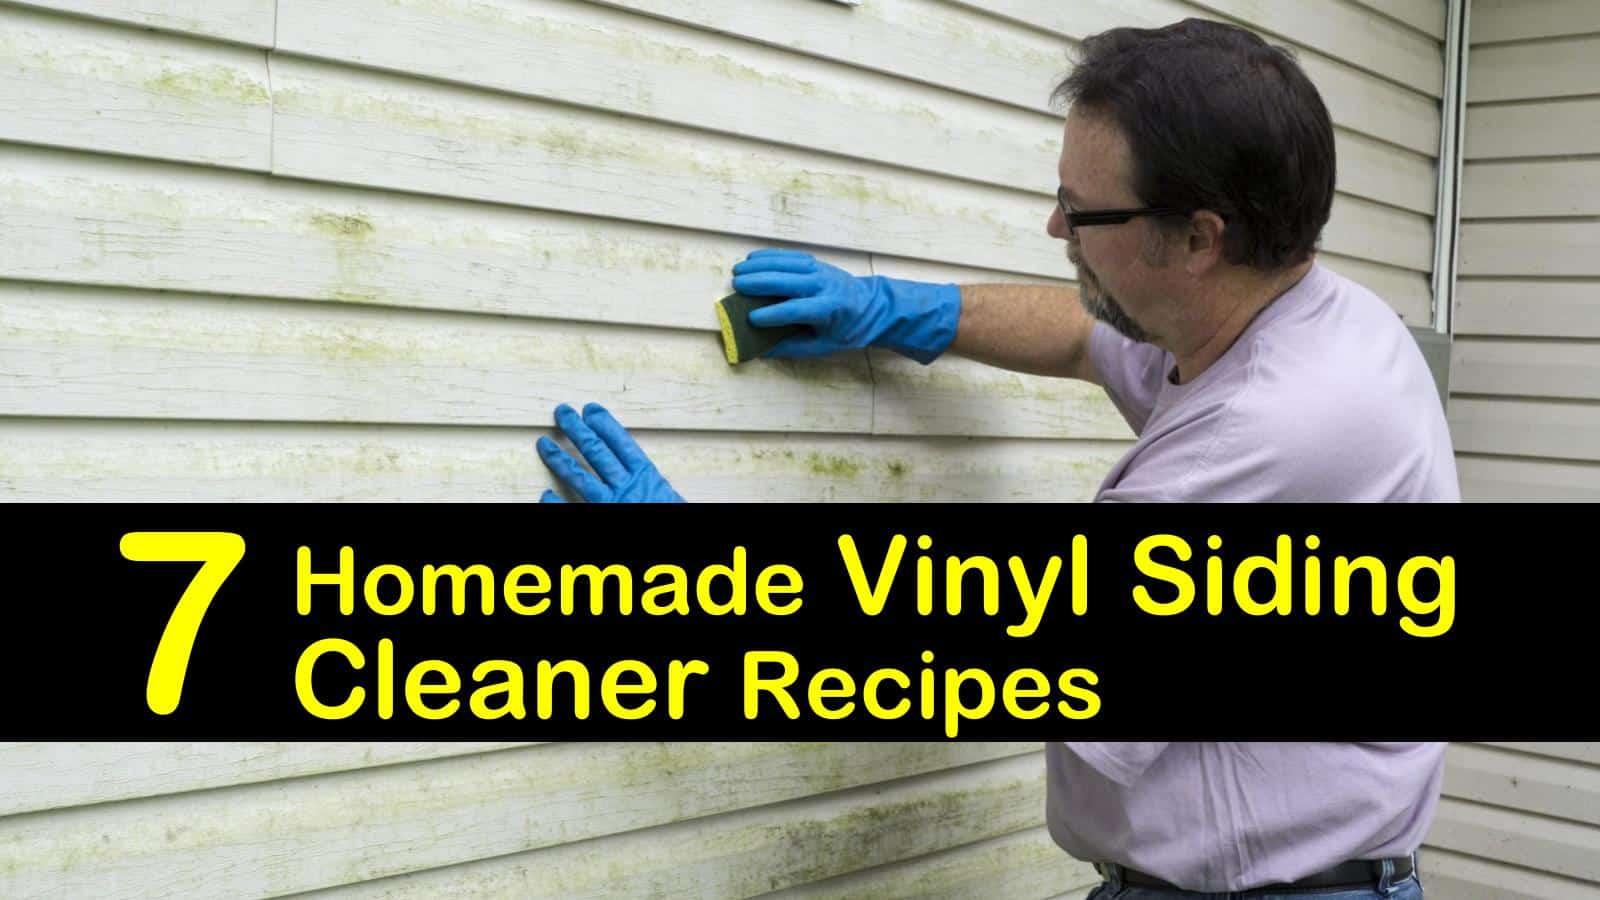 homemade vinyl siding cleaner titilimg